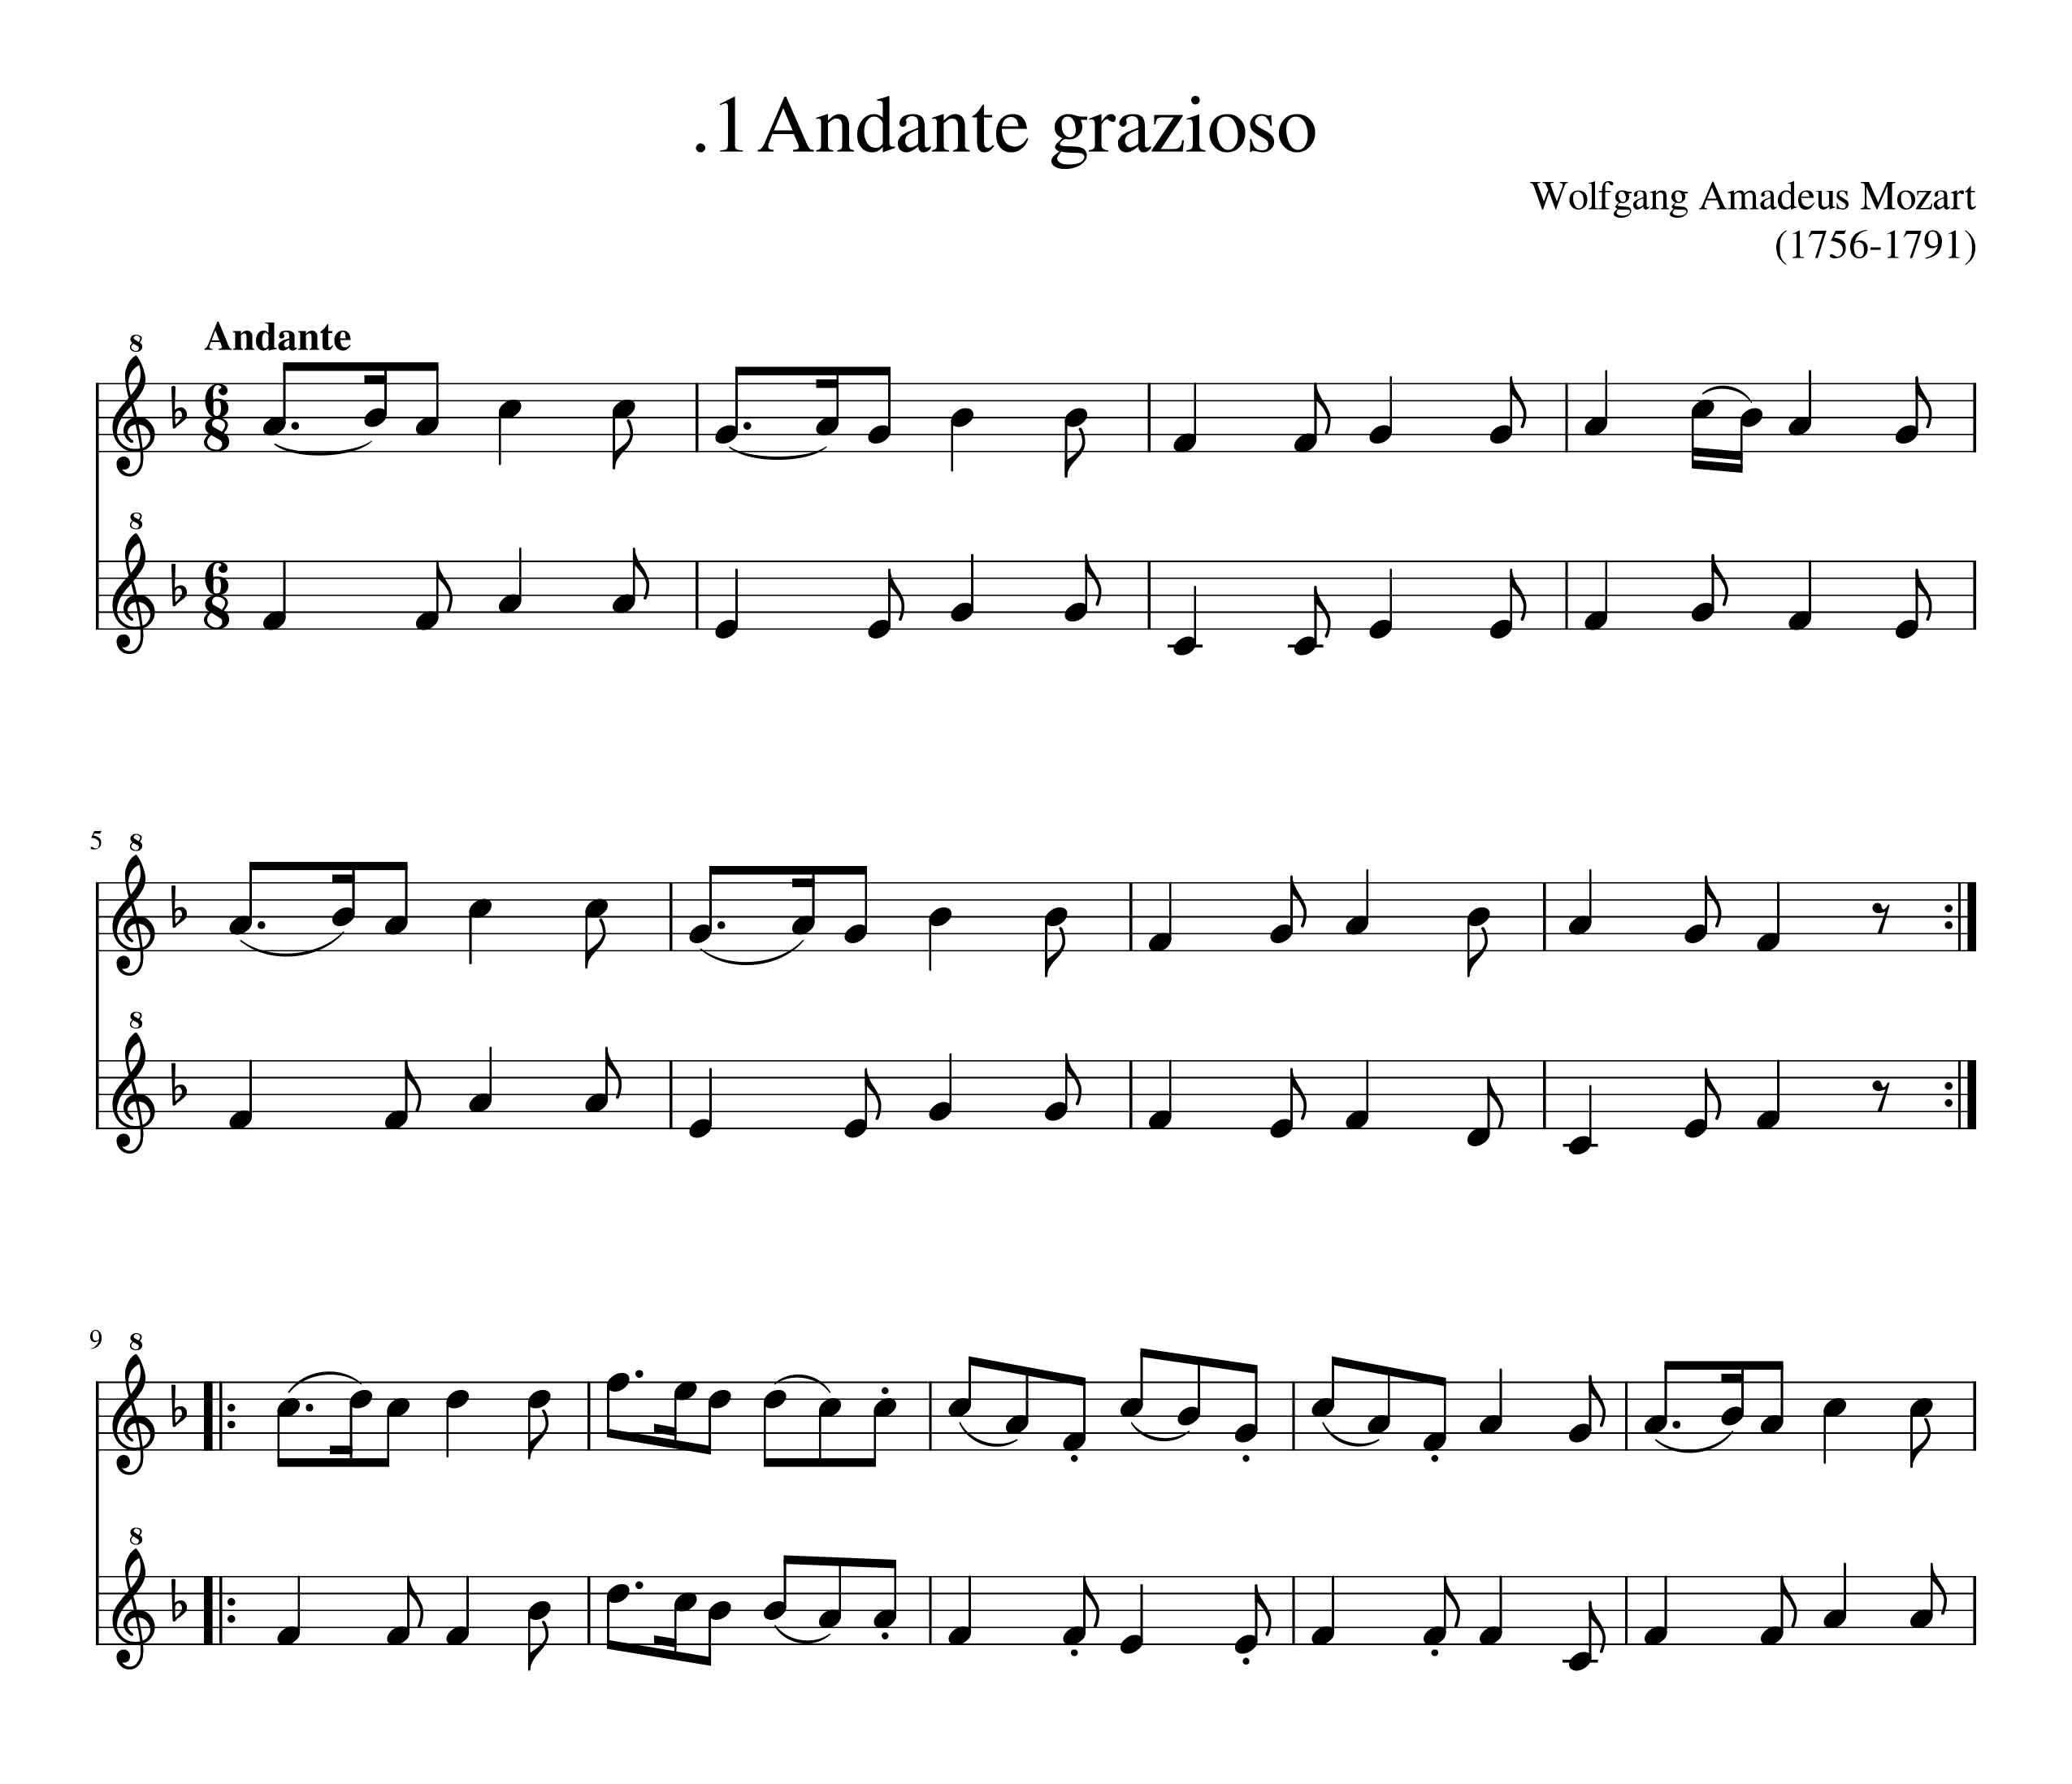 نت 9 قطعه  کلاسیک تنظیم شده برای دو نوازی فلوت ریکوردر